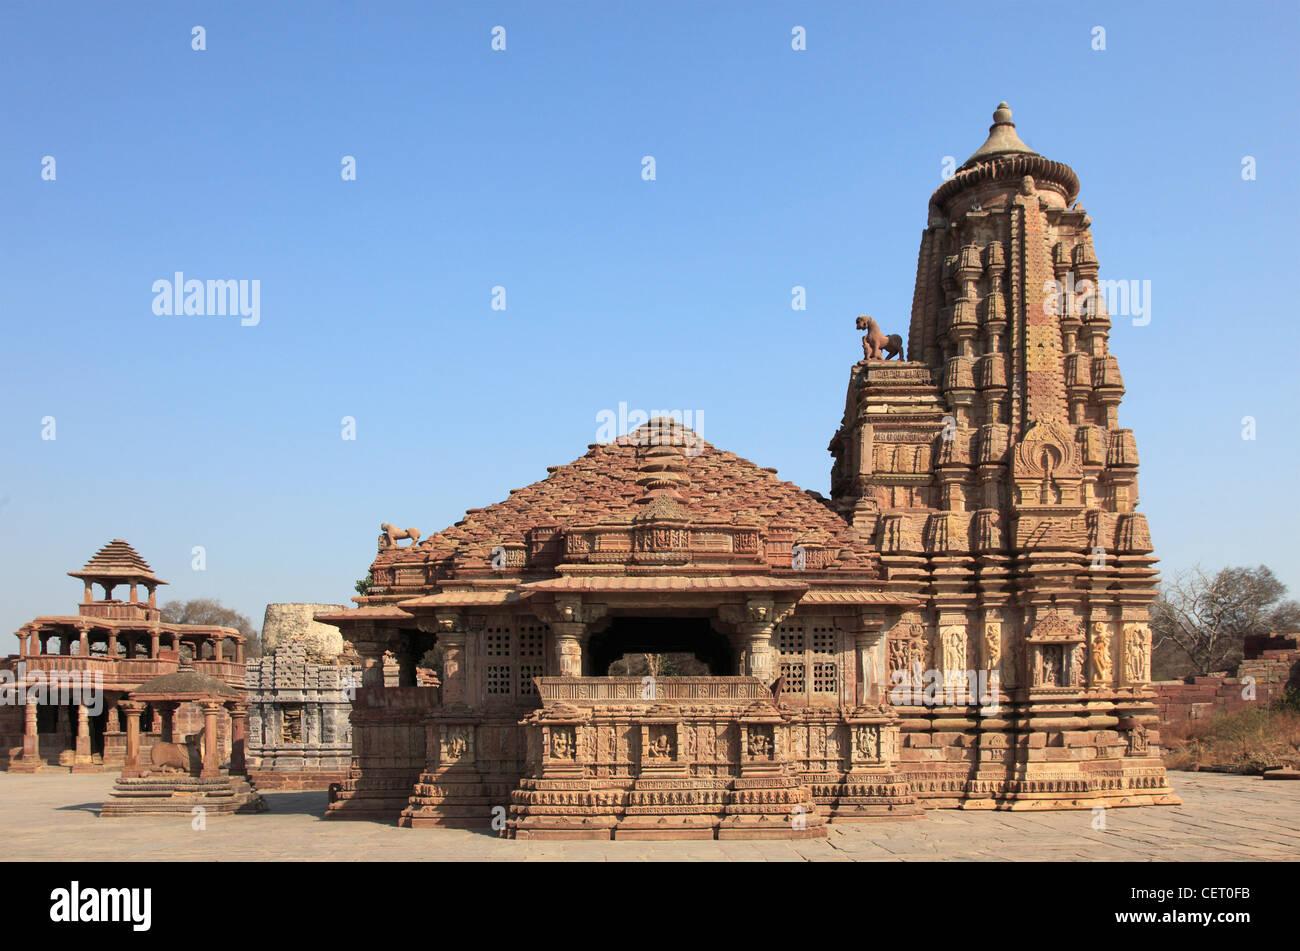 Rajasthan cet